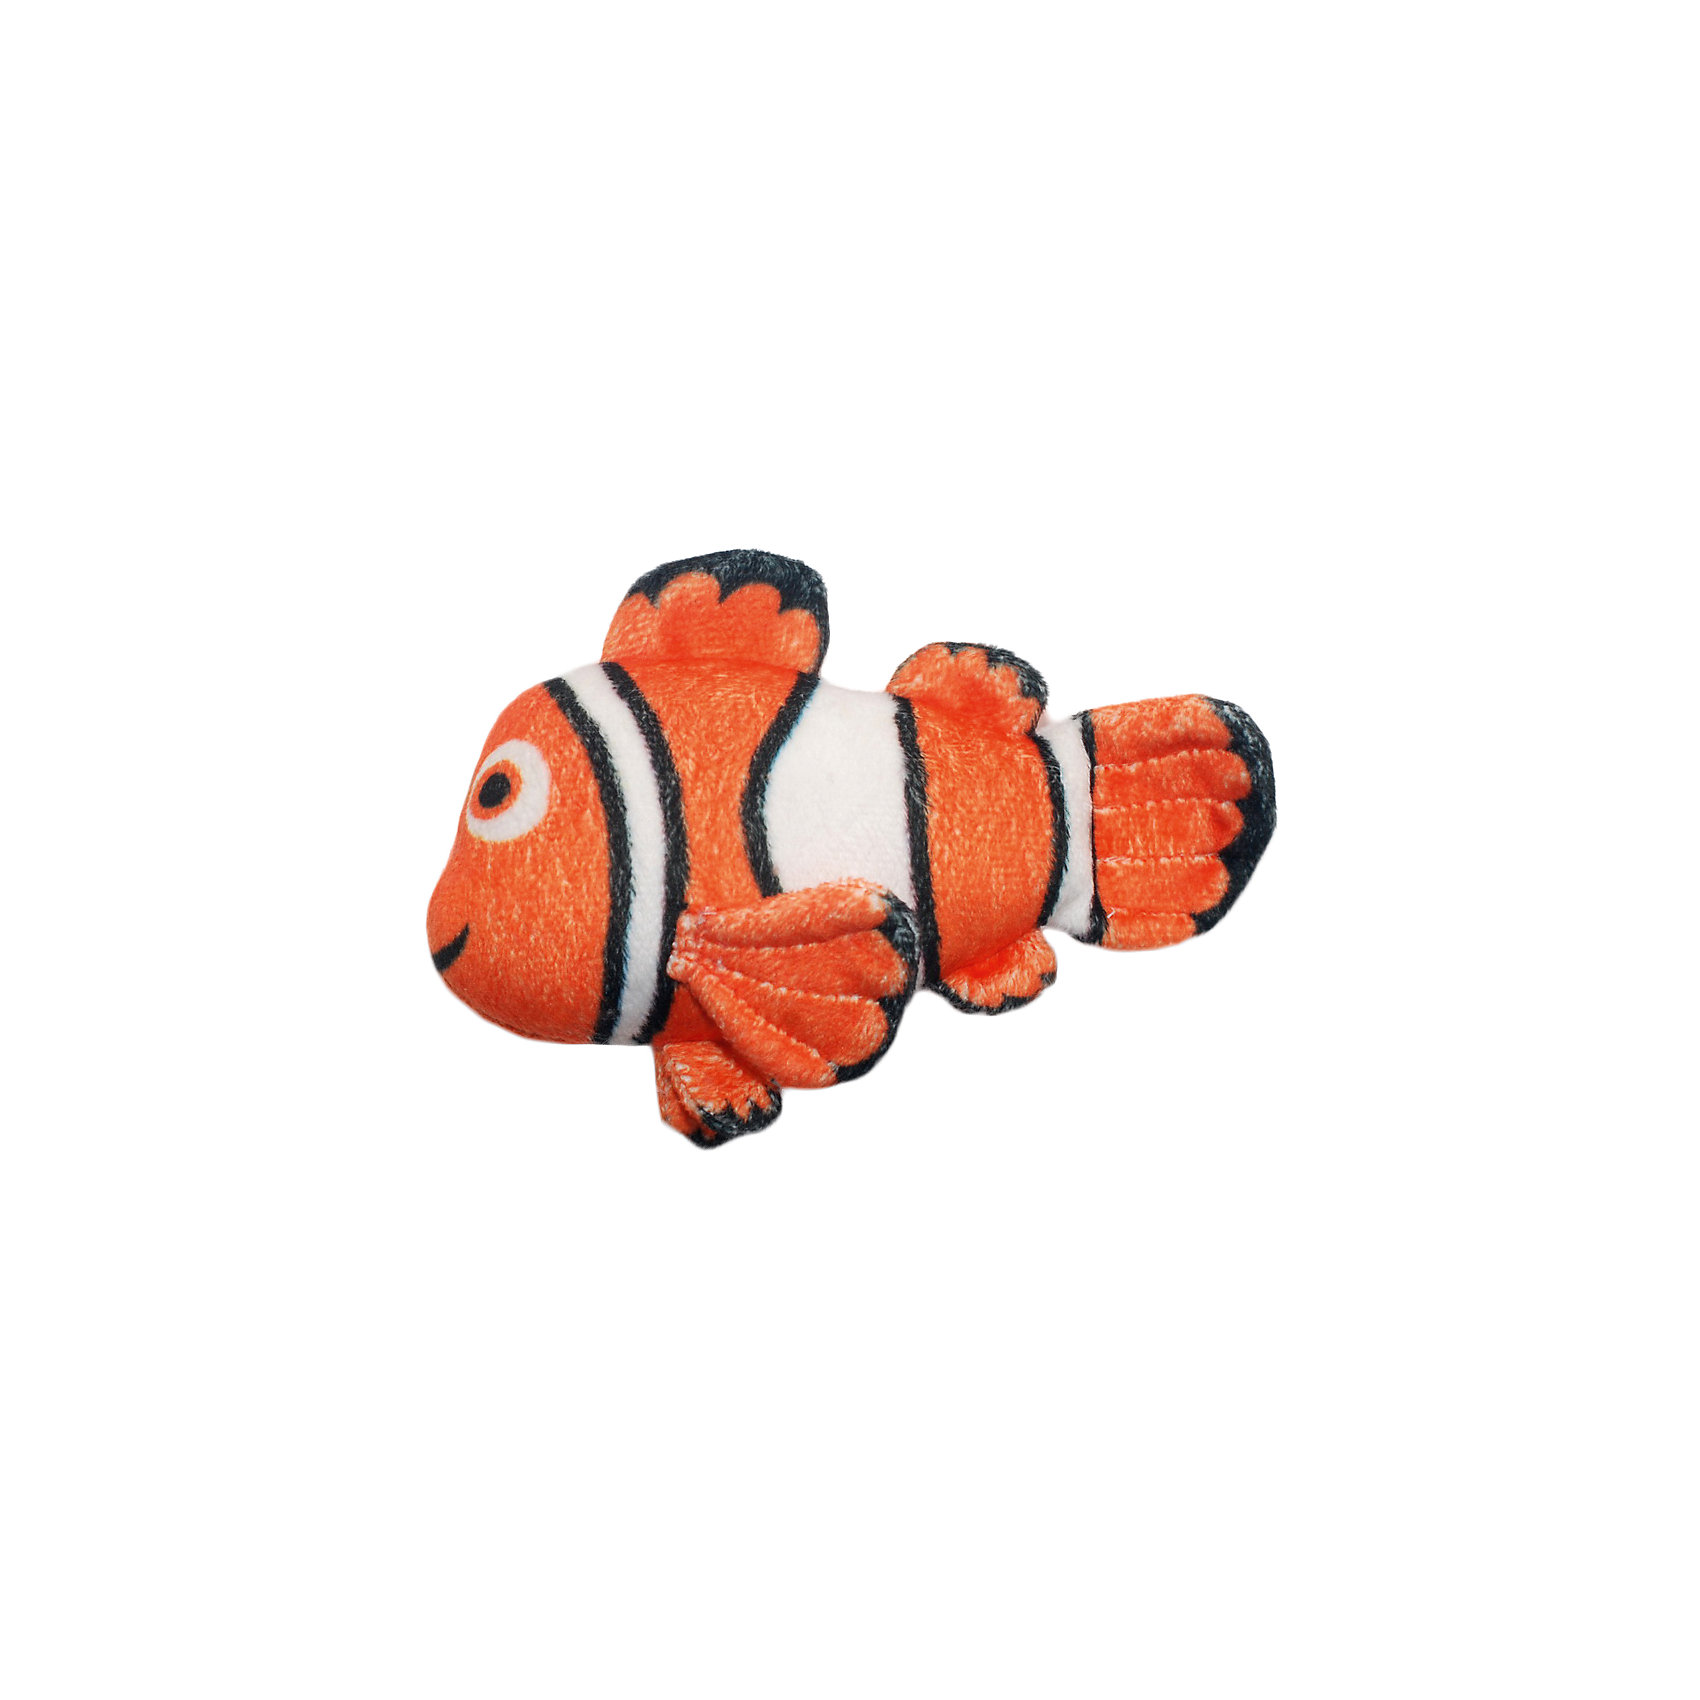 Игрушка для ванной Немо, Disney, 8 смОтважная рыбка Немо подарит много улыбок и радости малышам! Купание с любимым героем станет еще приятнее и интереснее. Игрушка выполнена из мягкого плюша, как только рыбка попадает в воду, она начинает расти, с большой мягкой игрушкой можно играть в течение недели. Постепенно Немо будет уменьшаться, но как только его снова искупаешь, он опять вырастет. <br><br>Дополнительная информация:<br><br>- Материал: плюш, полиуретан.<br>- Размер: 15х23 см.<br><br>Игрушку для ванной Немо, Disney (Дисней) можно купить в нашем магазине.<br><br>Ширина мм: 22<br>Глубина мм: 146<br>Высота мм: 230<br>Вес г: 45<br>Возраст от месяцев: 36<br>Возраст до месяцев: 72<br>Пол: Унисекс<br>Возраст: Детский<br>SKU: 4219368